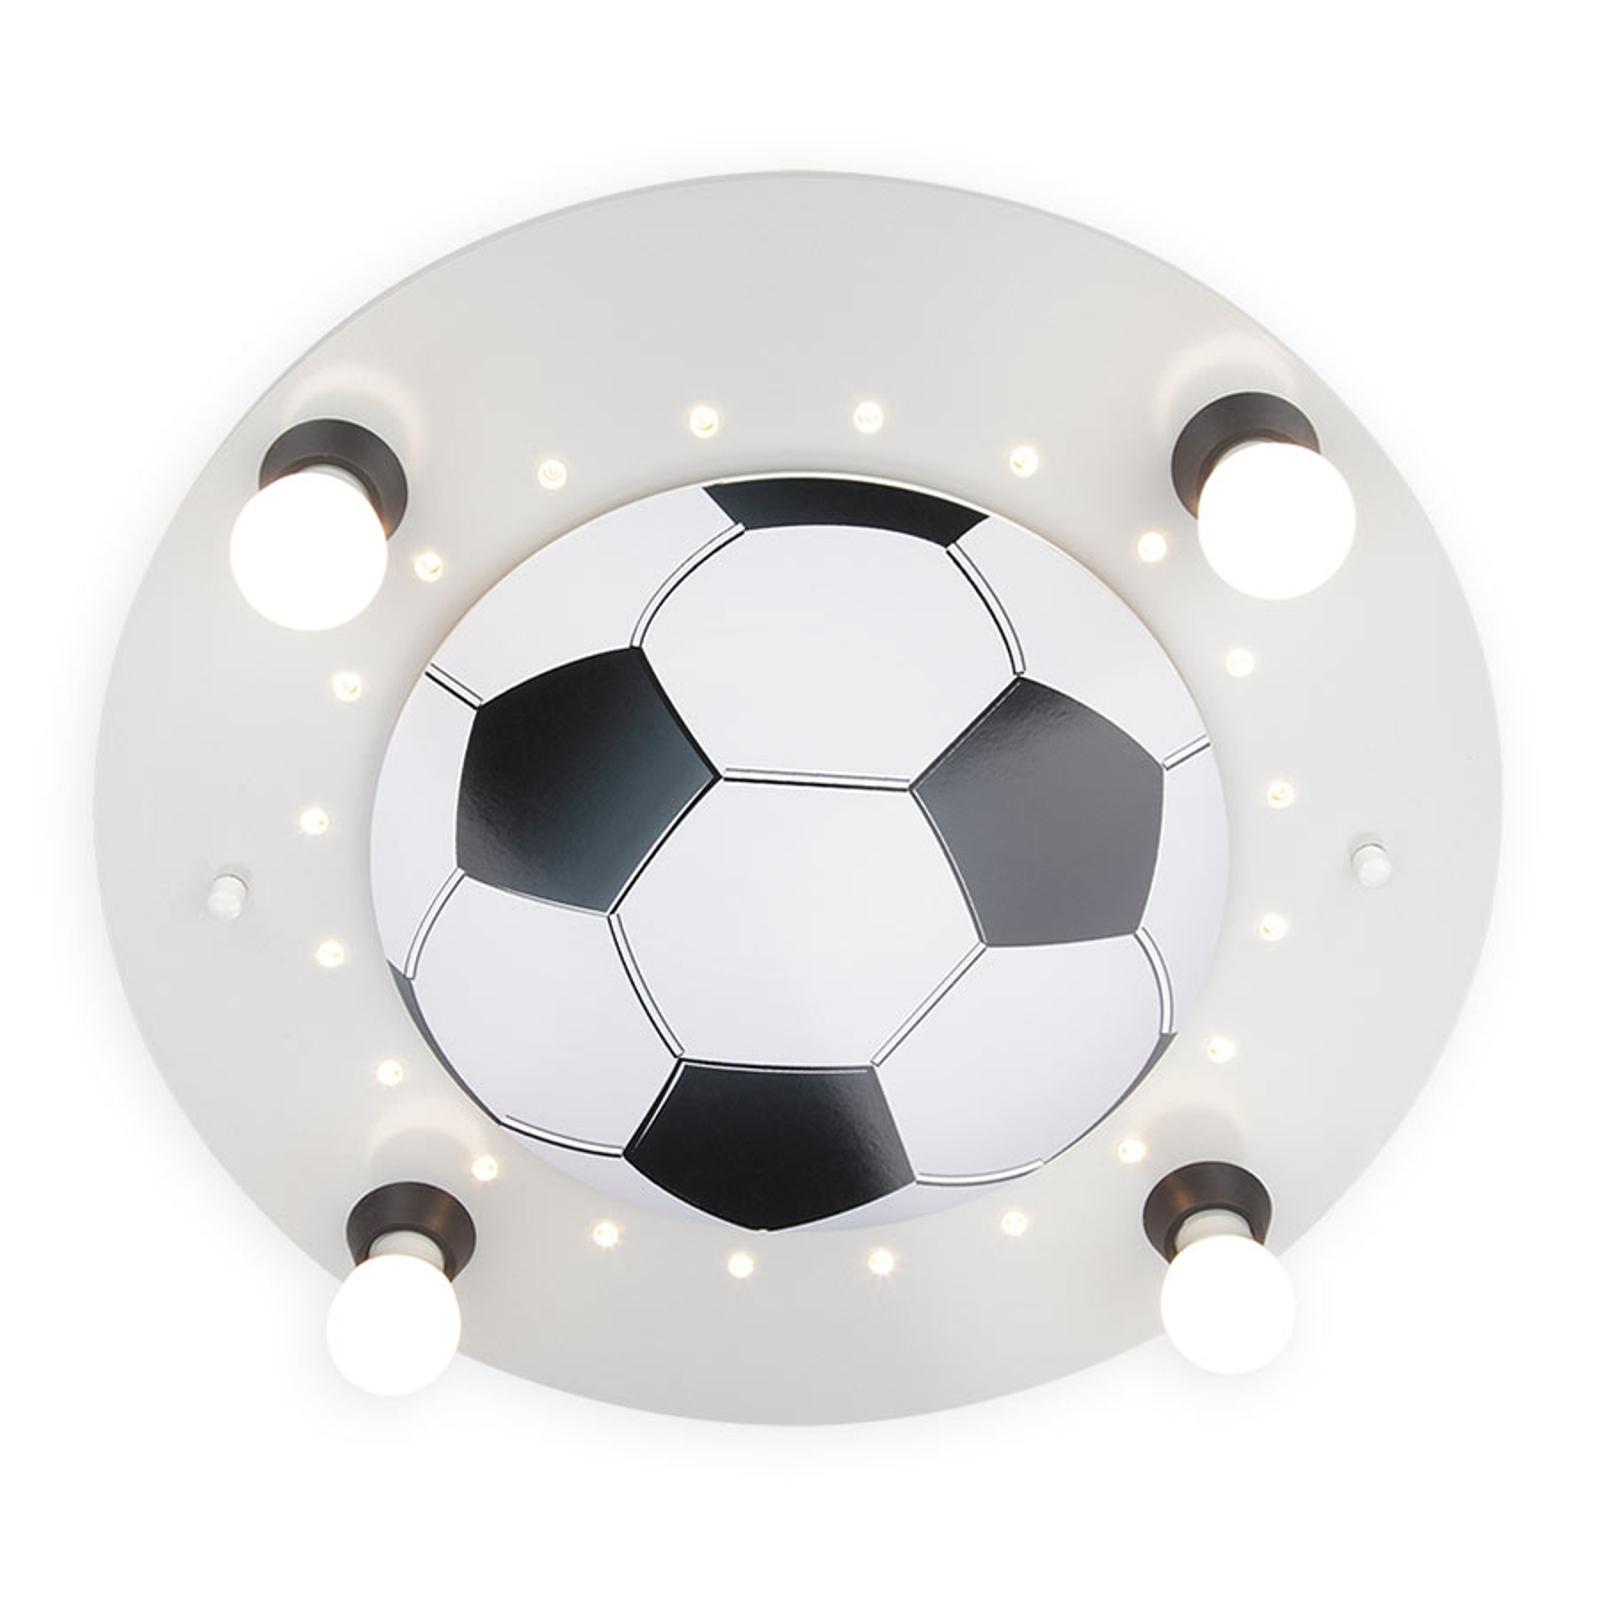 Taklampa Fotboll, 4 lampor, silver-vit